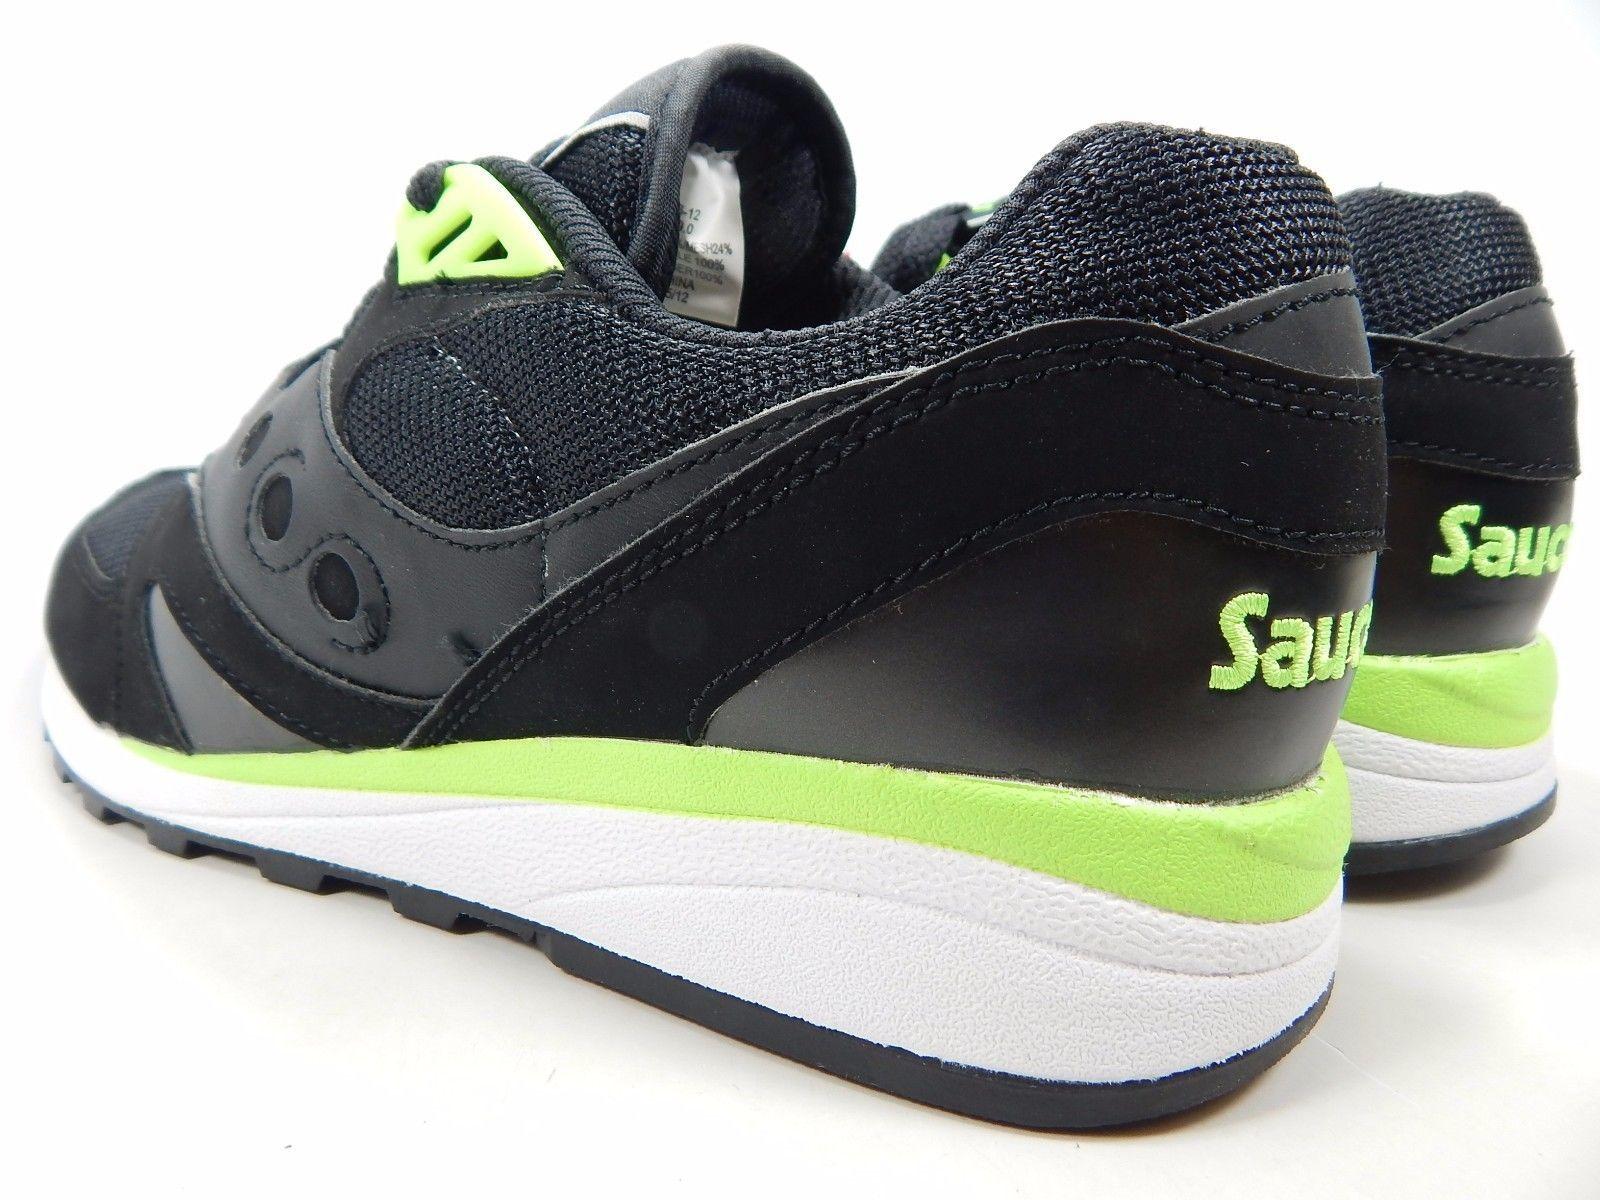 Saucony Original Master Control Men's Shoes Sz US 9.5 M (D) EU 43 Black 70076-12